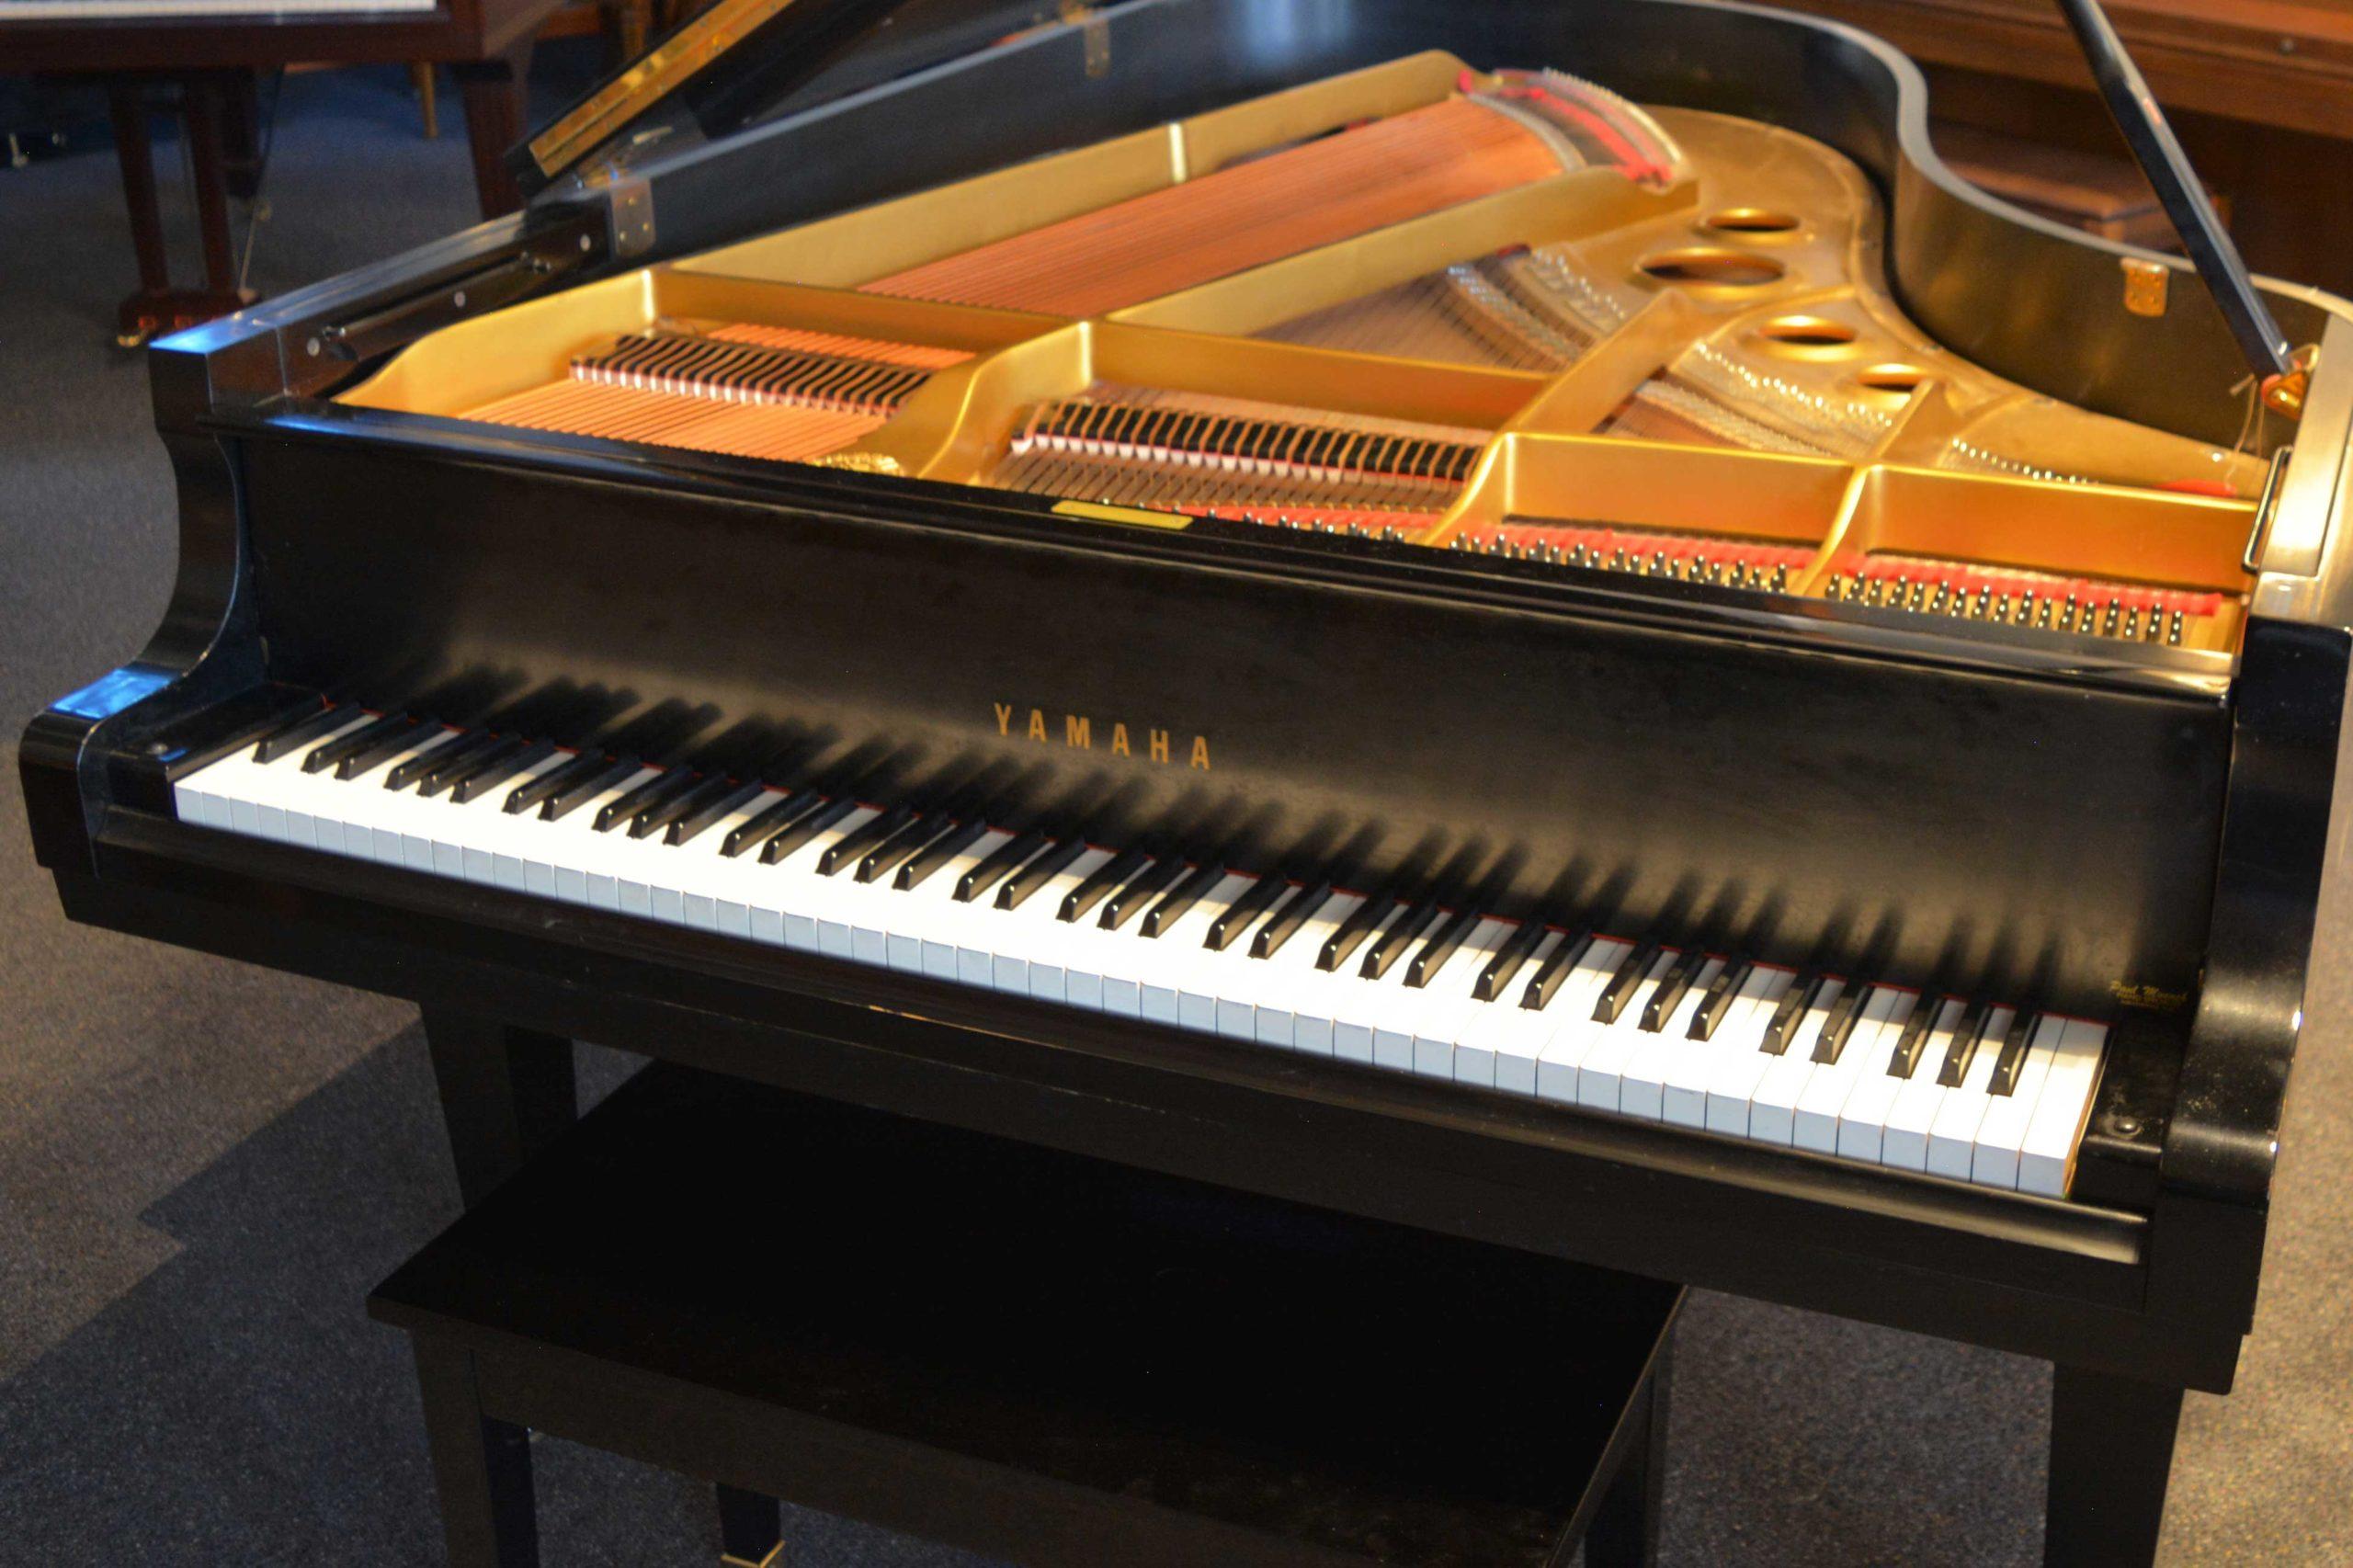 Yamaha G5 Grand piano keyboard at 88 Keys Piano Warehouse